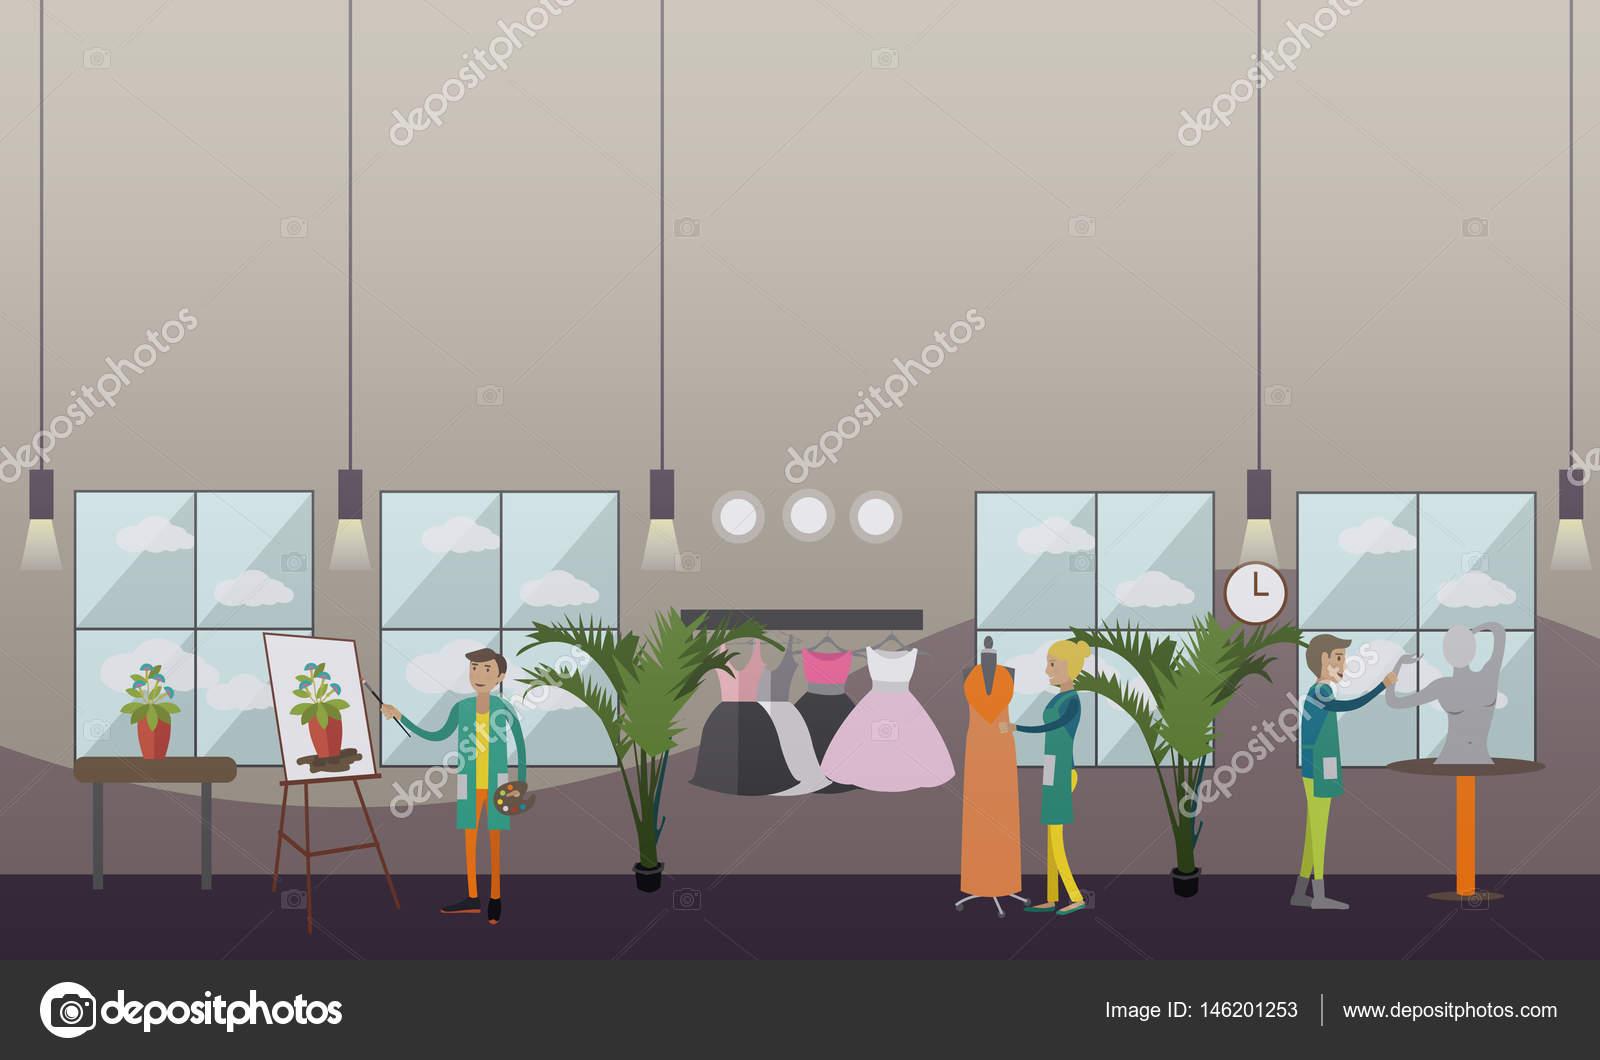 1d1544498509 Εικονογράφηση διάνυσμα επίπεδη στυλ ρούχα στυλίστας